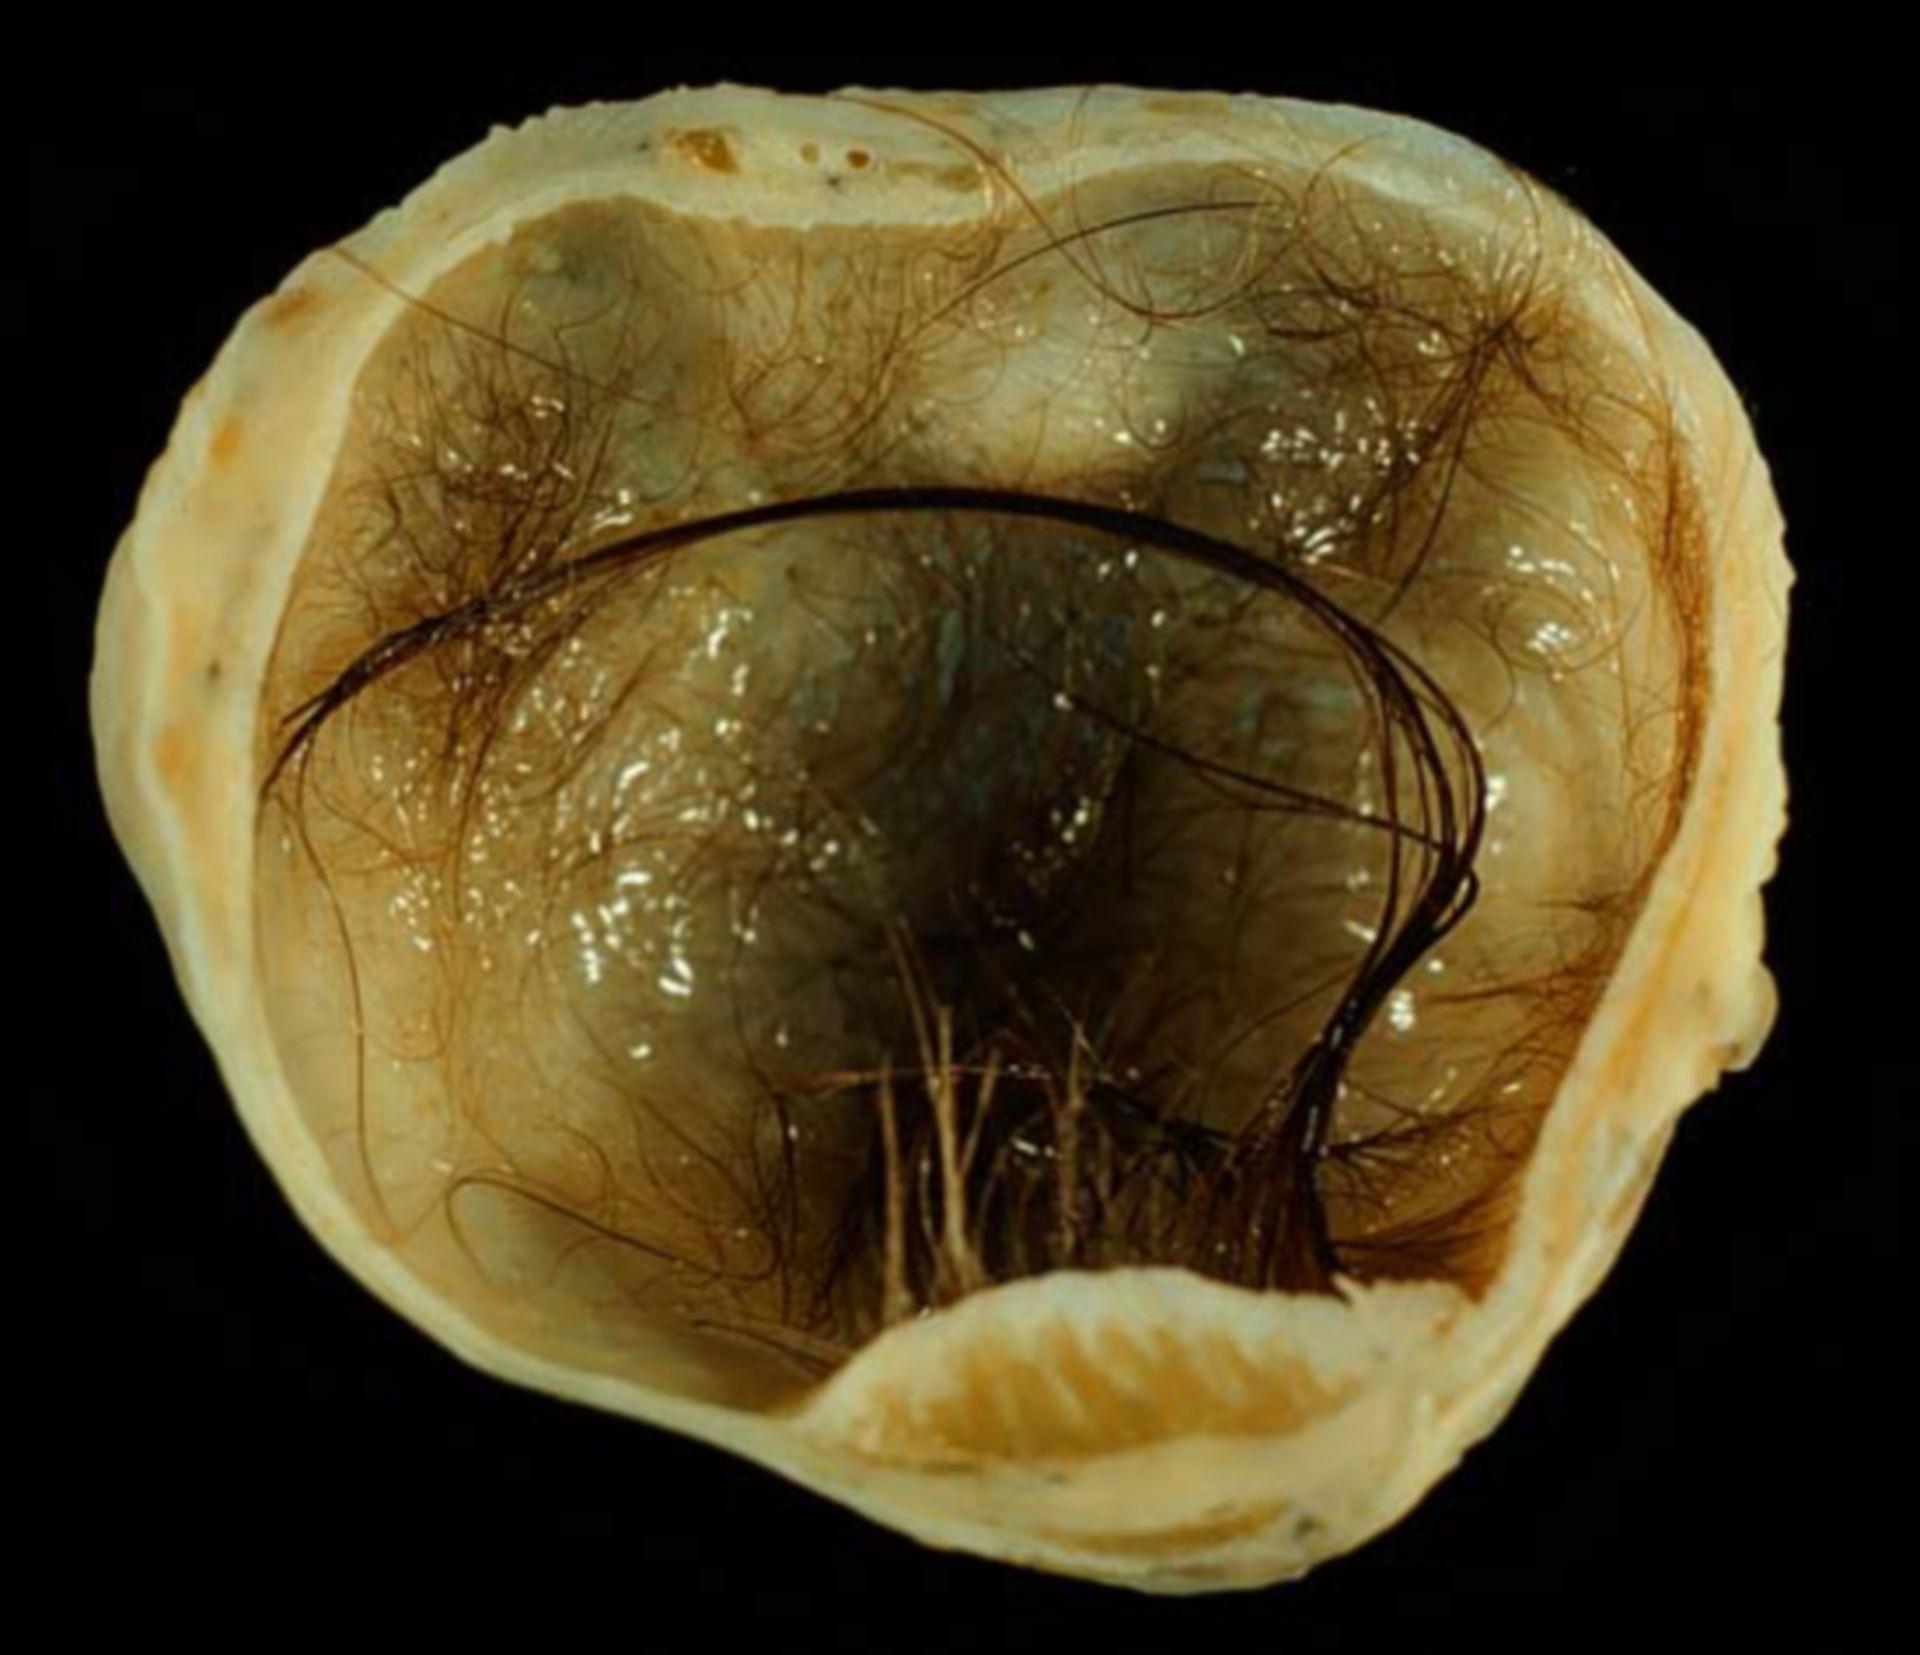 Reifes zystisches Teratom des Ovars